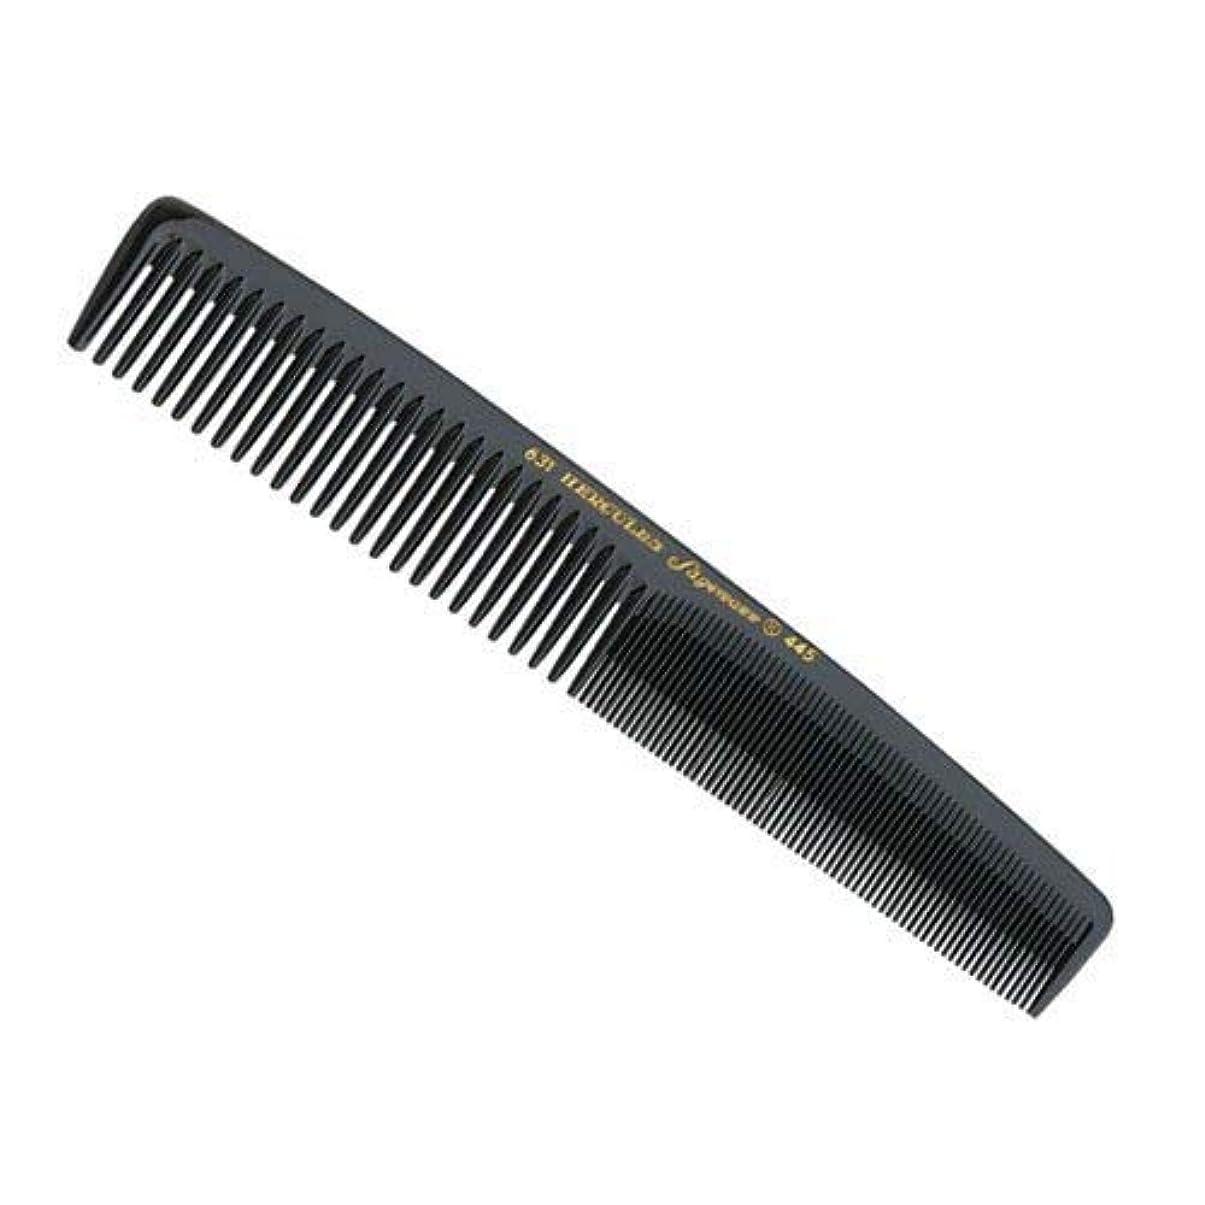 ホステルアクチュエータ外国人Hercules Sagemann Medium Waver Ladies Hair Comb, Length-17.8 cm [並行輸入品]